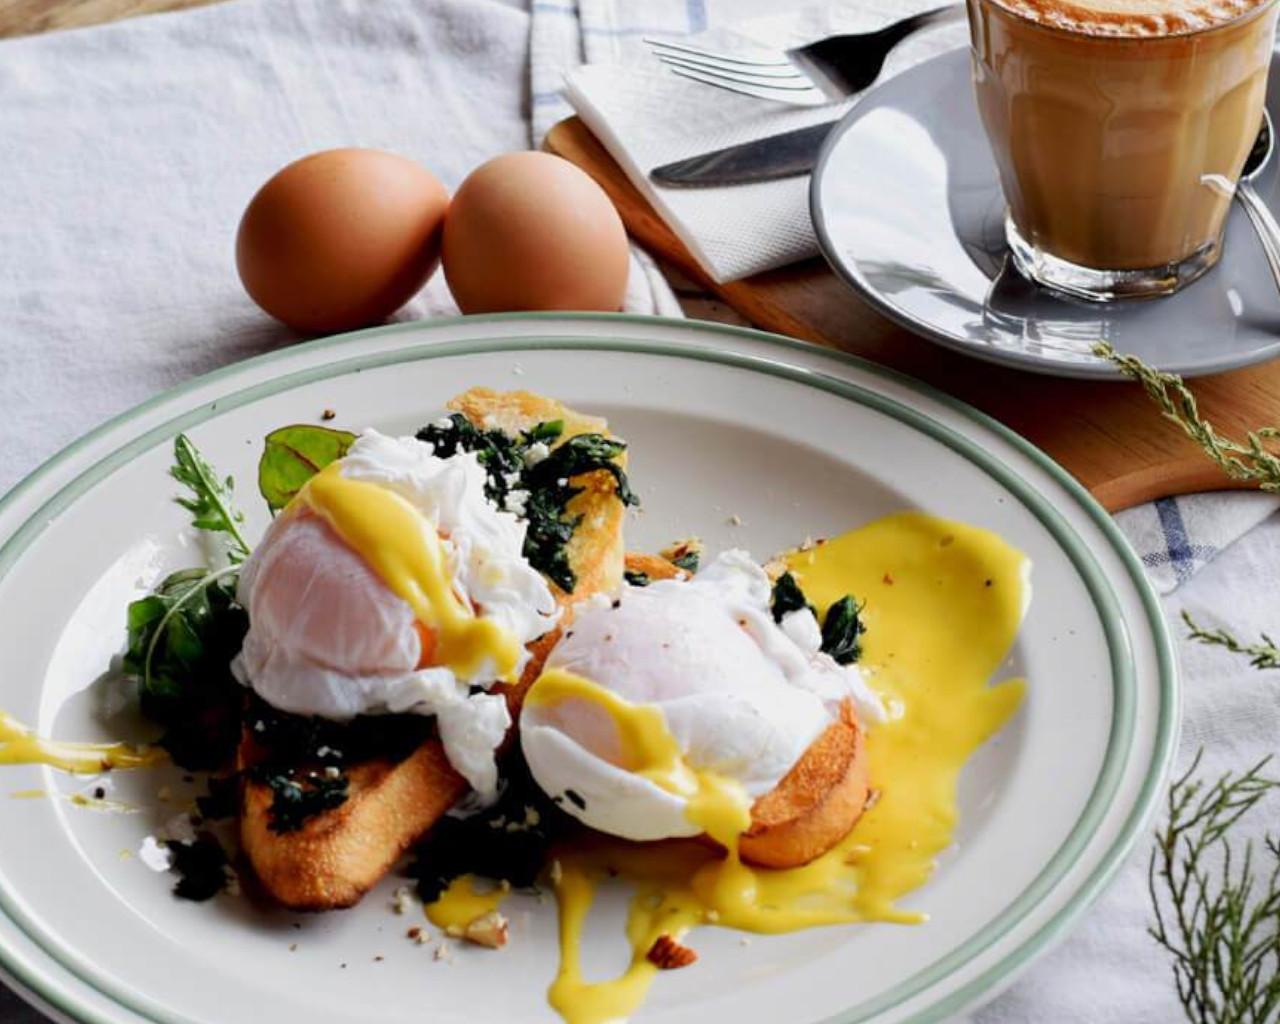 πρωινο,πρωινο αντ1,πρωινο με αυγα,πρωινοι τυποι,πρωινο συνταγεσ,πρωινο με βρωμη,πρωινοσ τυποσ,πρωινοσ λογοσ,πρωινο για παιδια